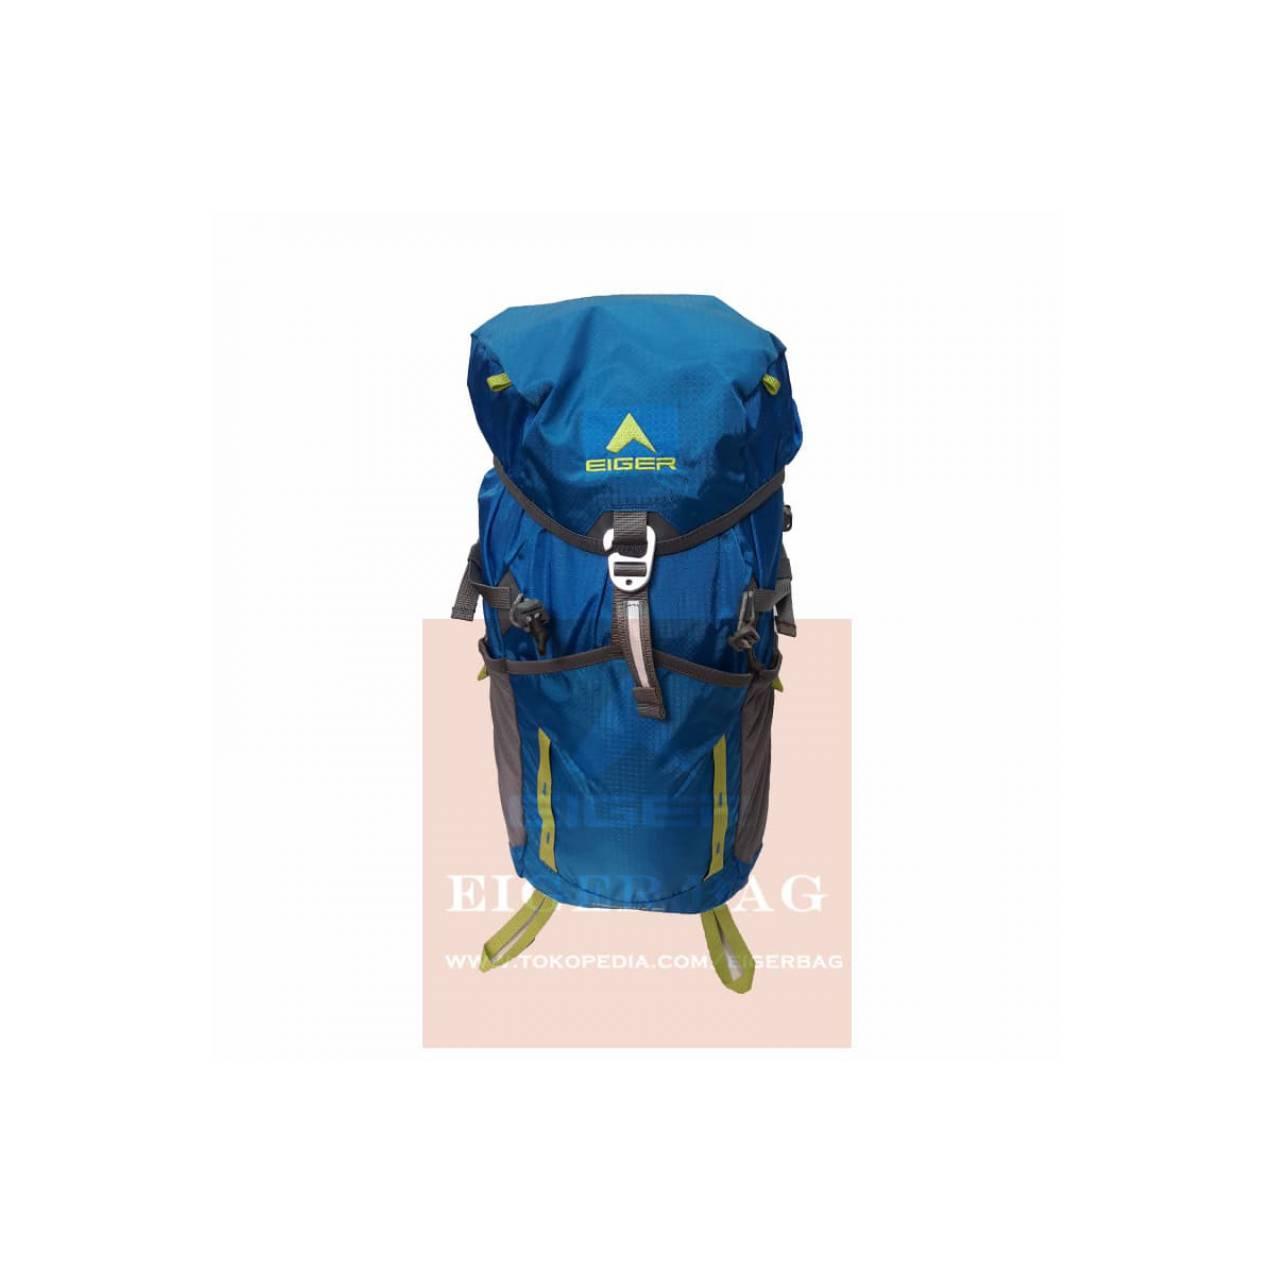 Tas Gunung Eiger 2623 Blue Hyperlite - 910003395001 Hiking Trekking